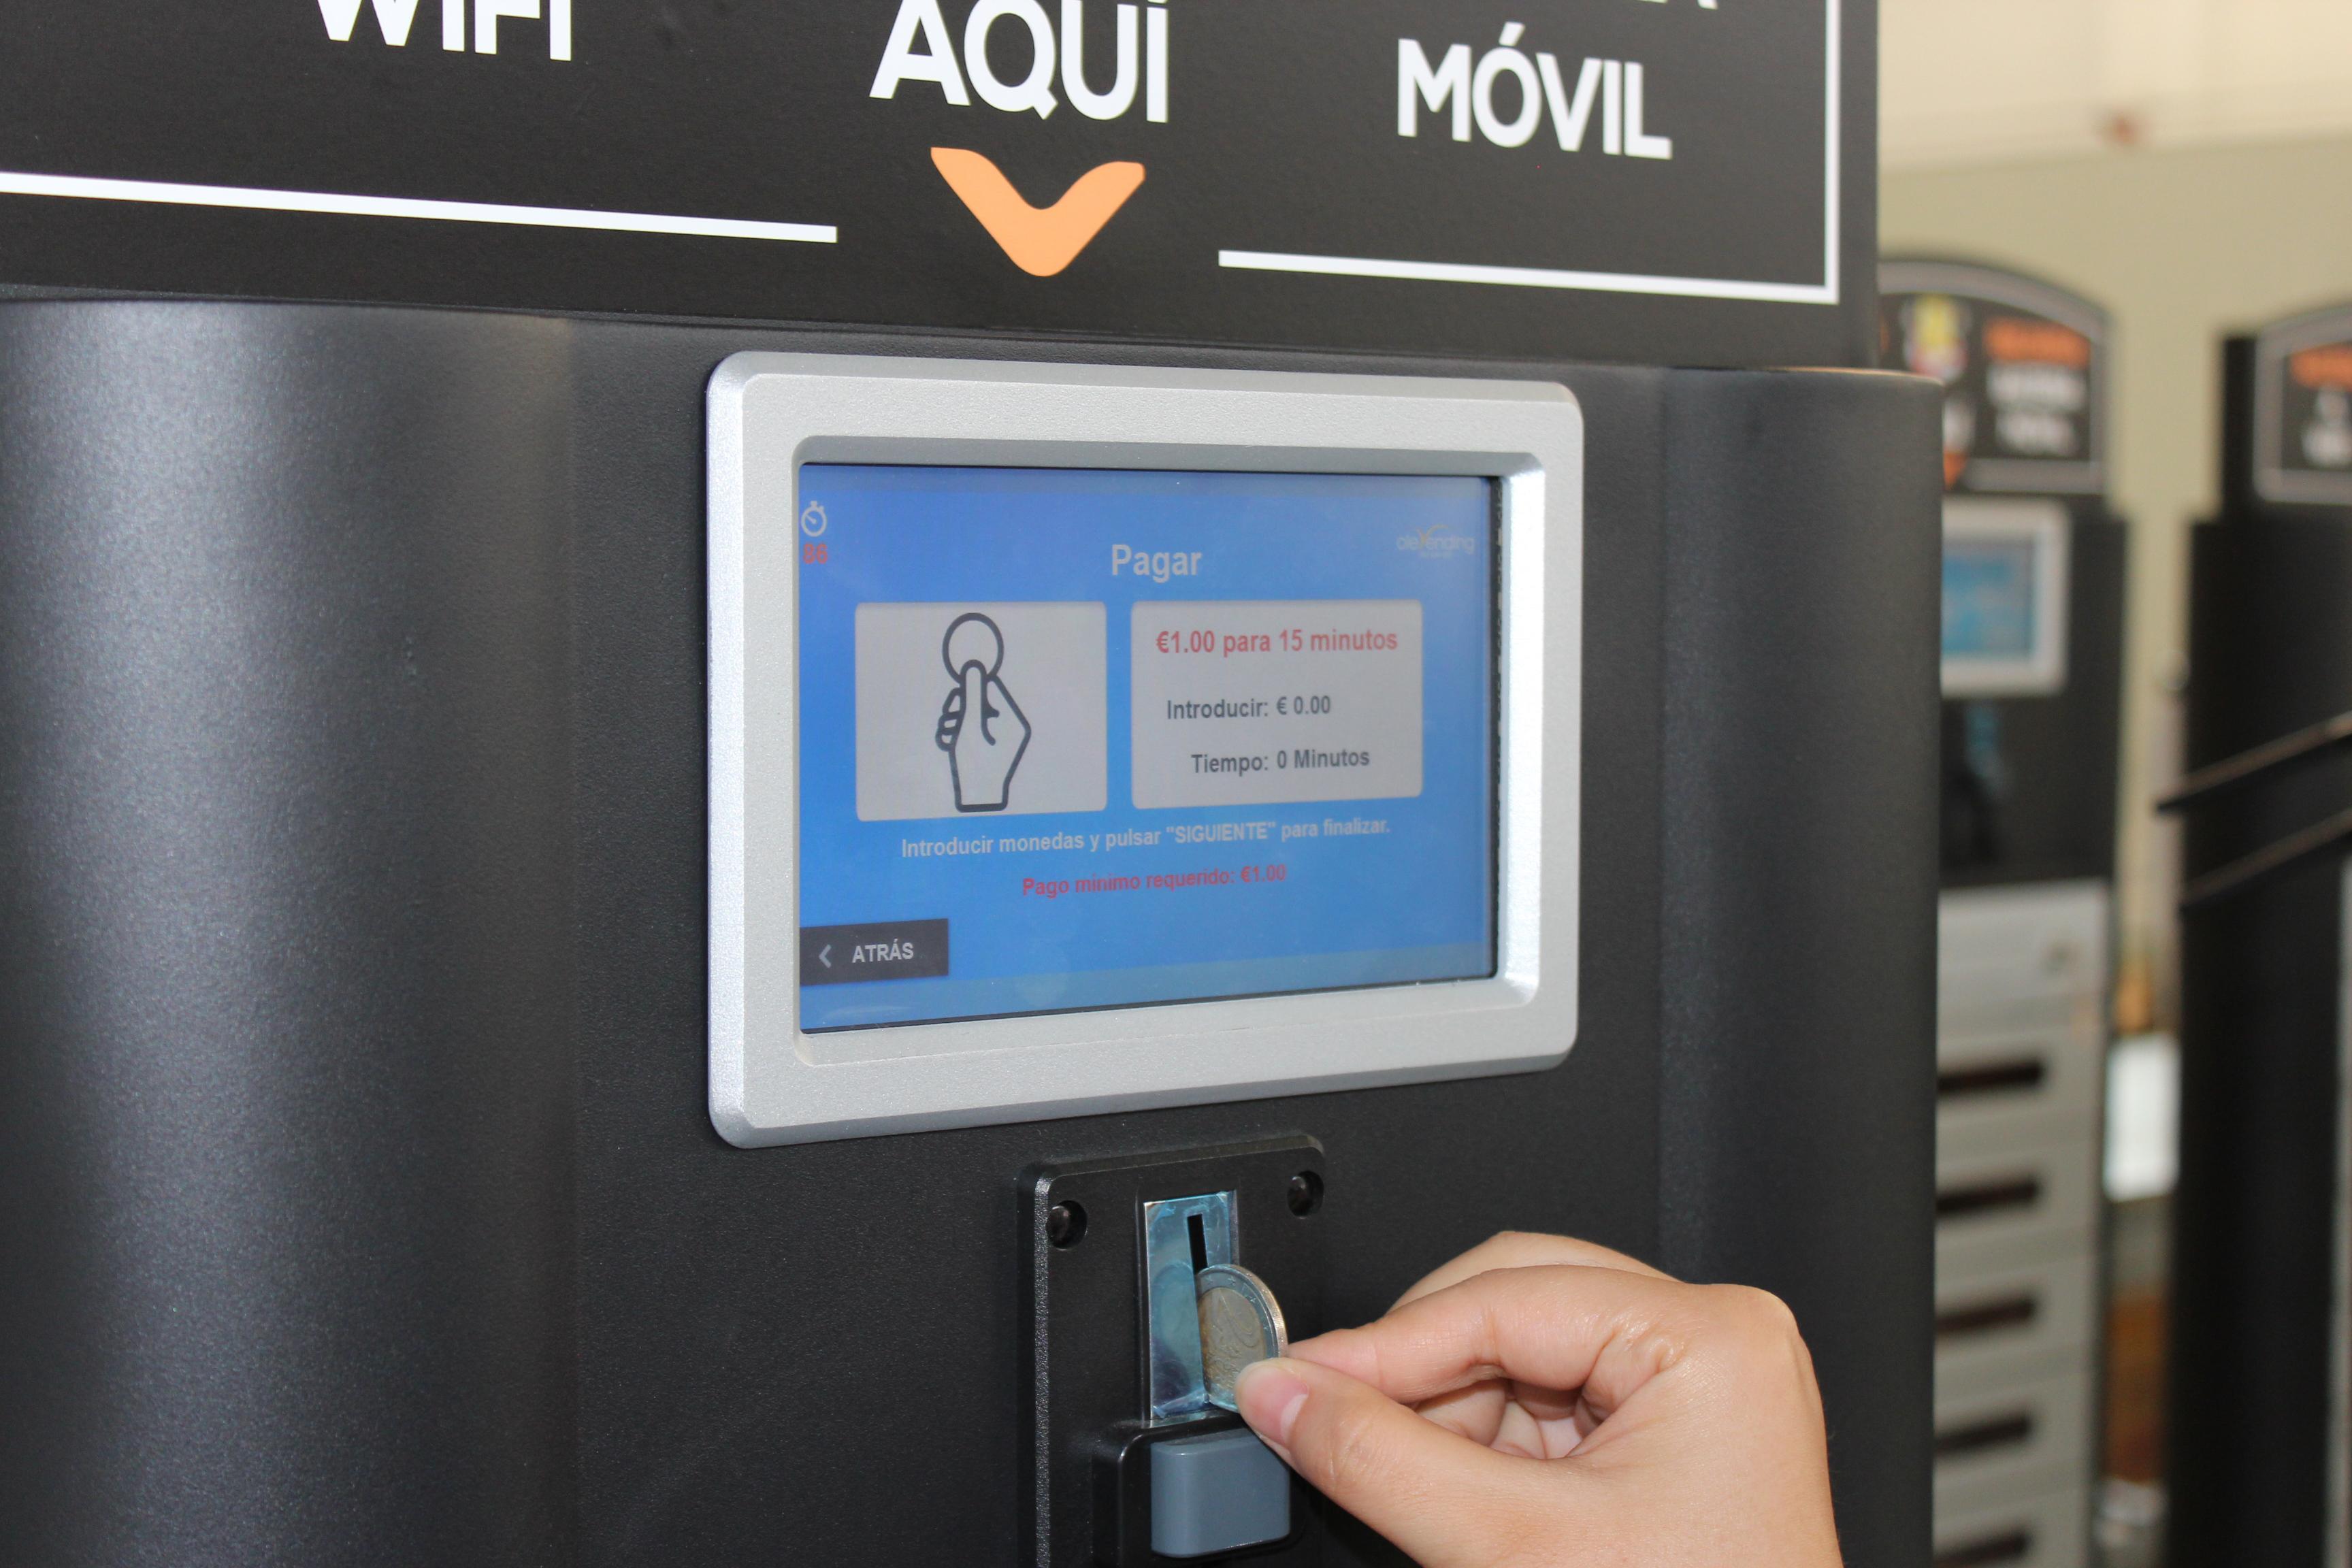 +maquina +recarga +smartphone +iolebox